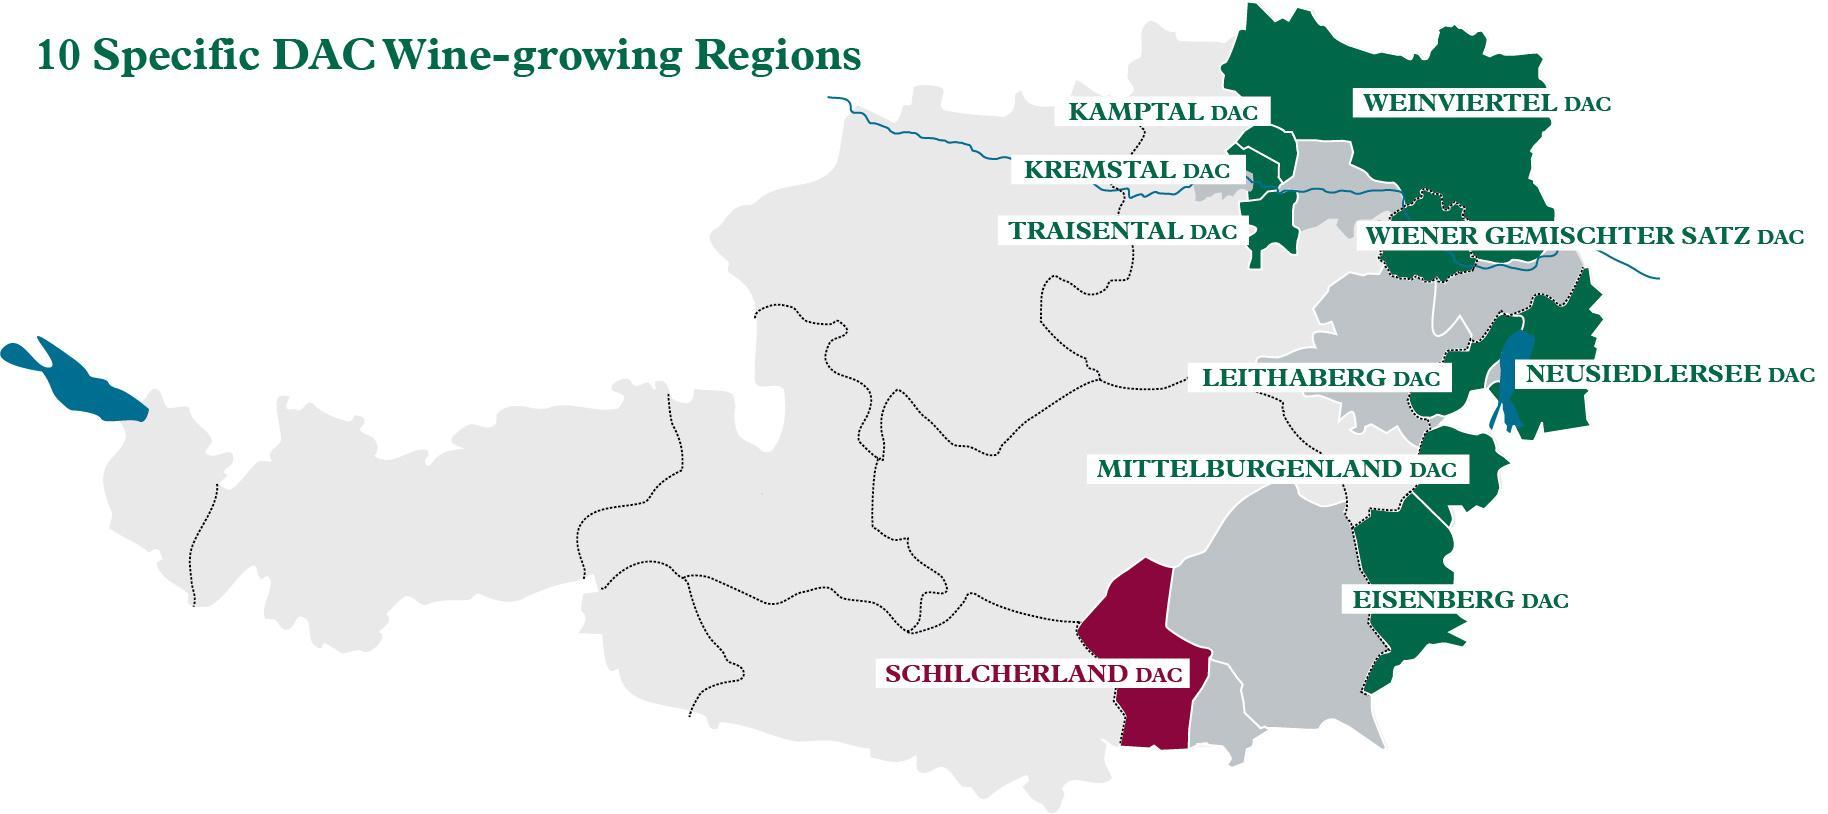 Ausztria Boraszati Terkep Osztrak Bor Regiok Terkep Nyugat